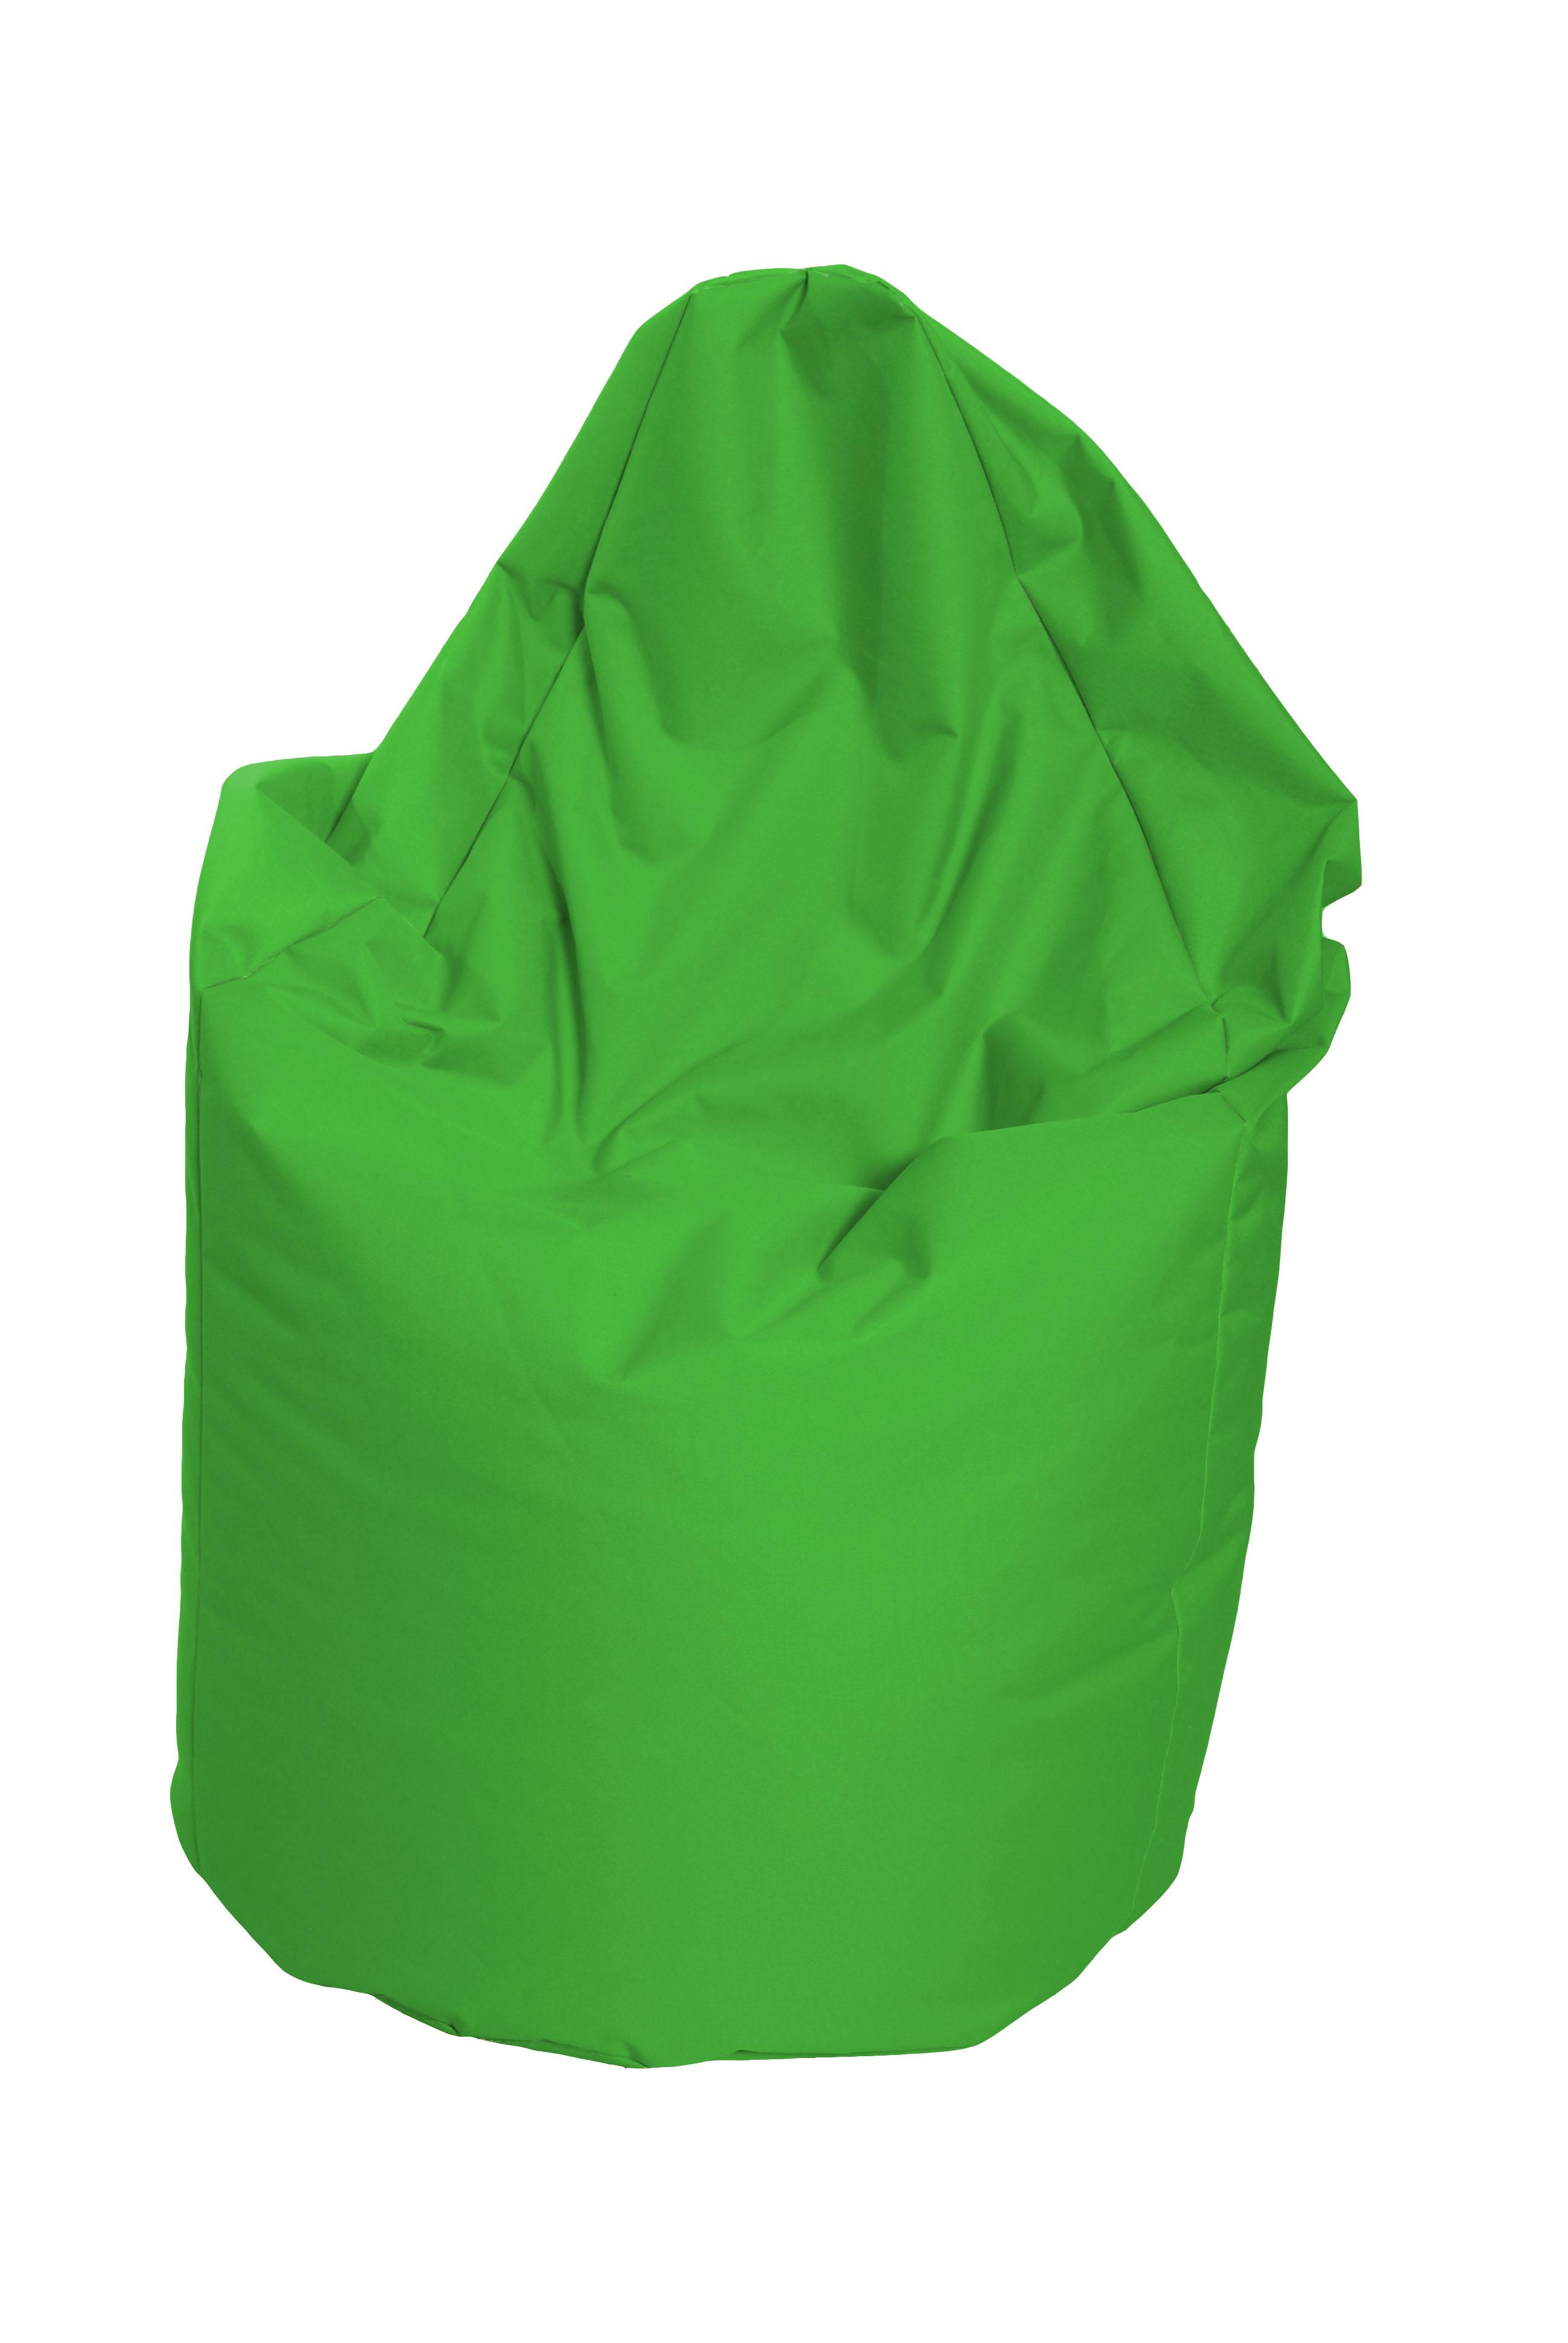 M&M sedací vak hruška 140x80cm Crazy zelená hnědá (zelená 60166)